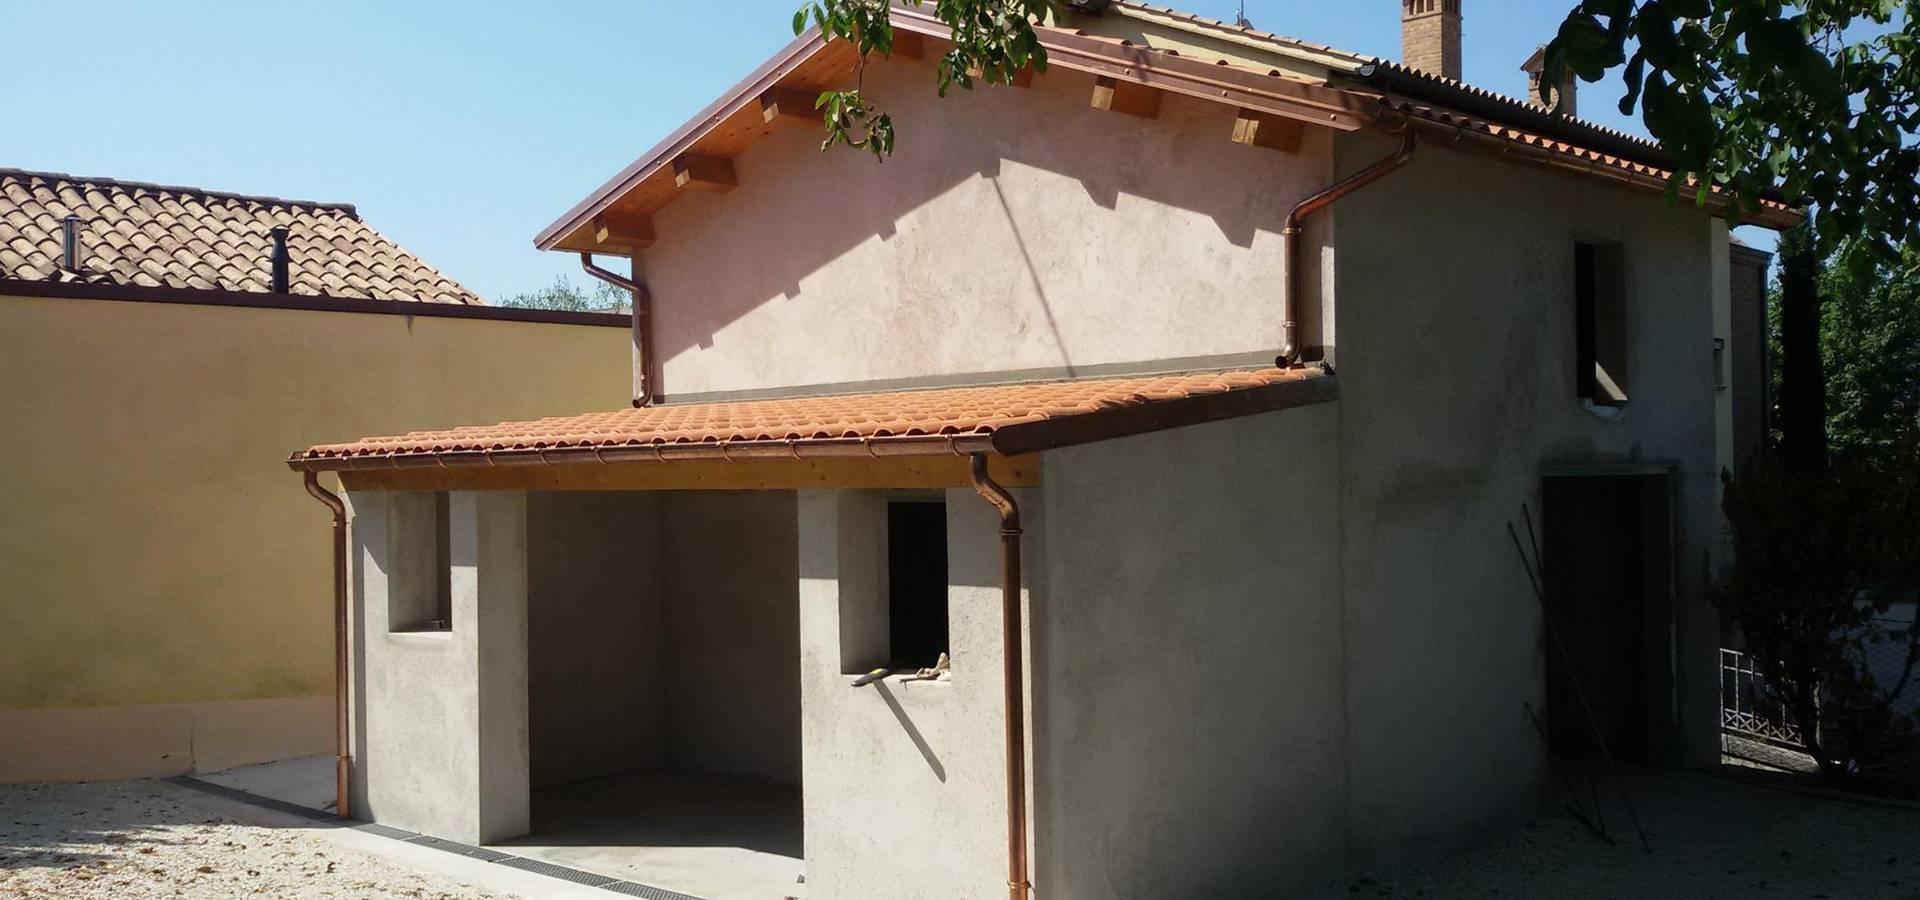 Ristrutturazione completa dell edificio, rifacimento del tetto e ...